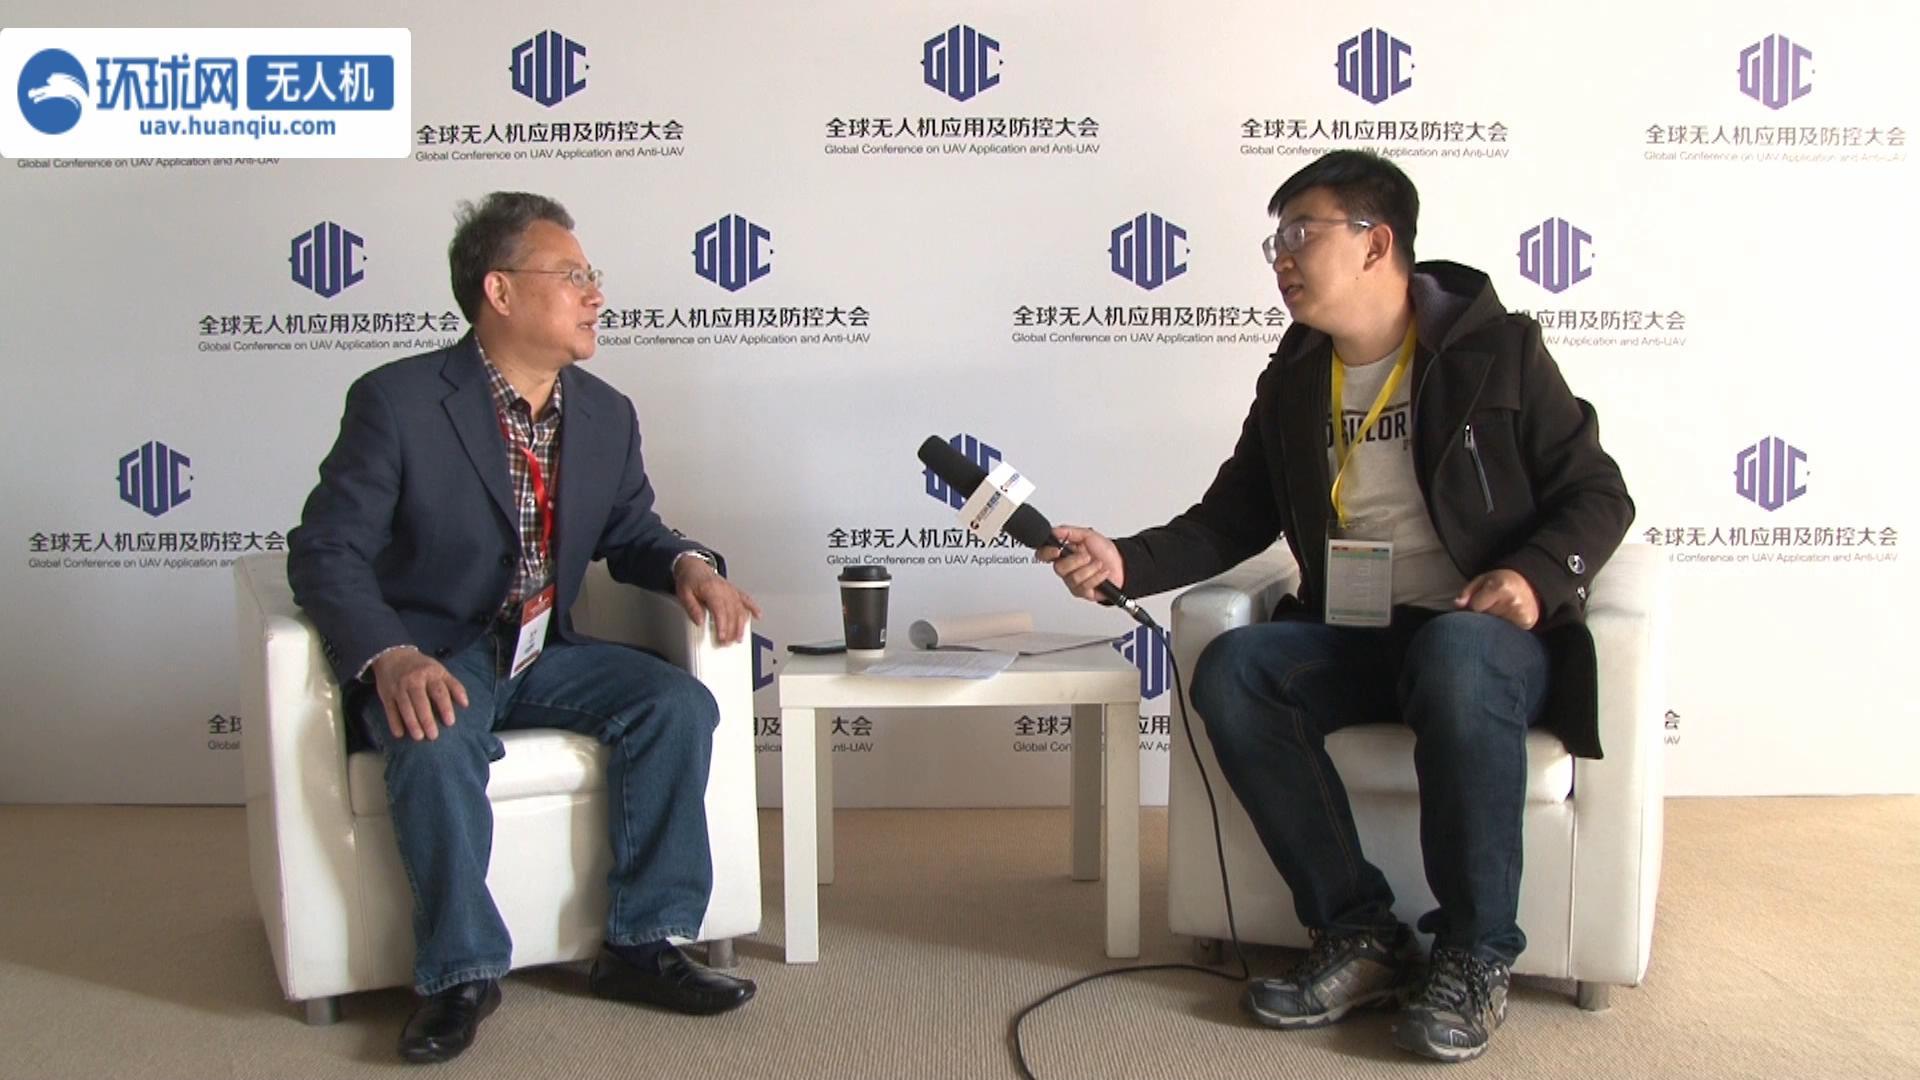 中国农大何雄奎介绍中国农业无人机发展史:初次亮相被围得水泄不通